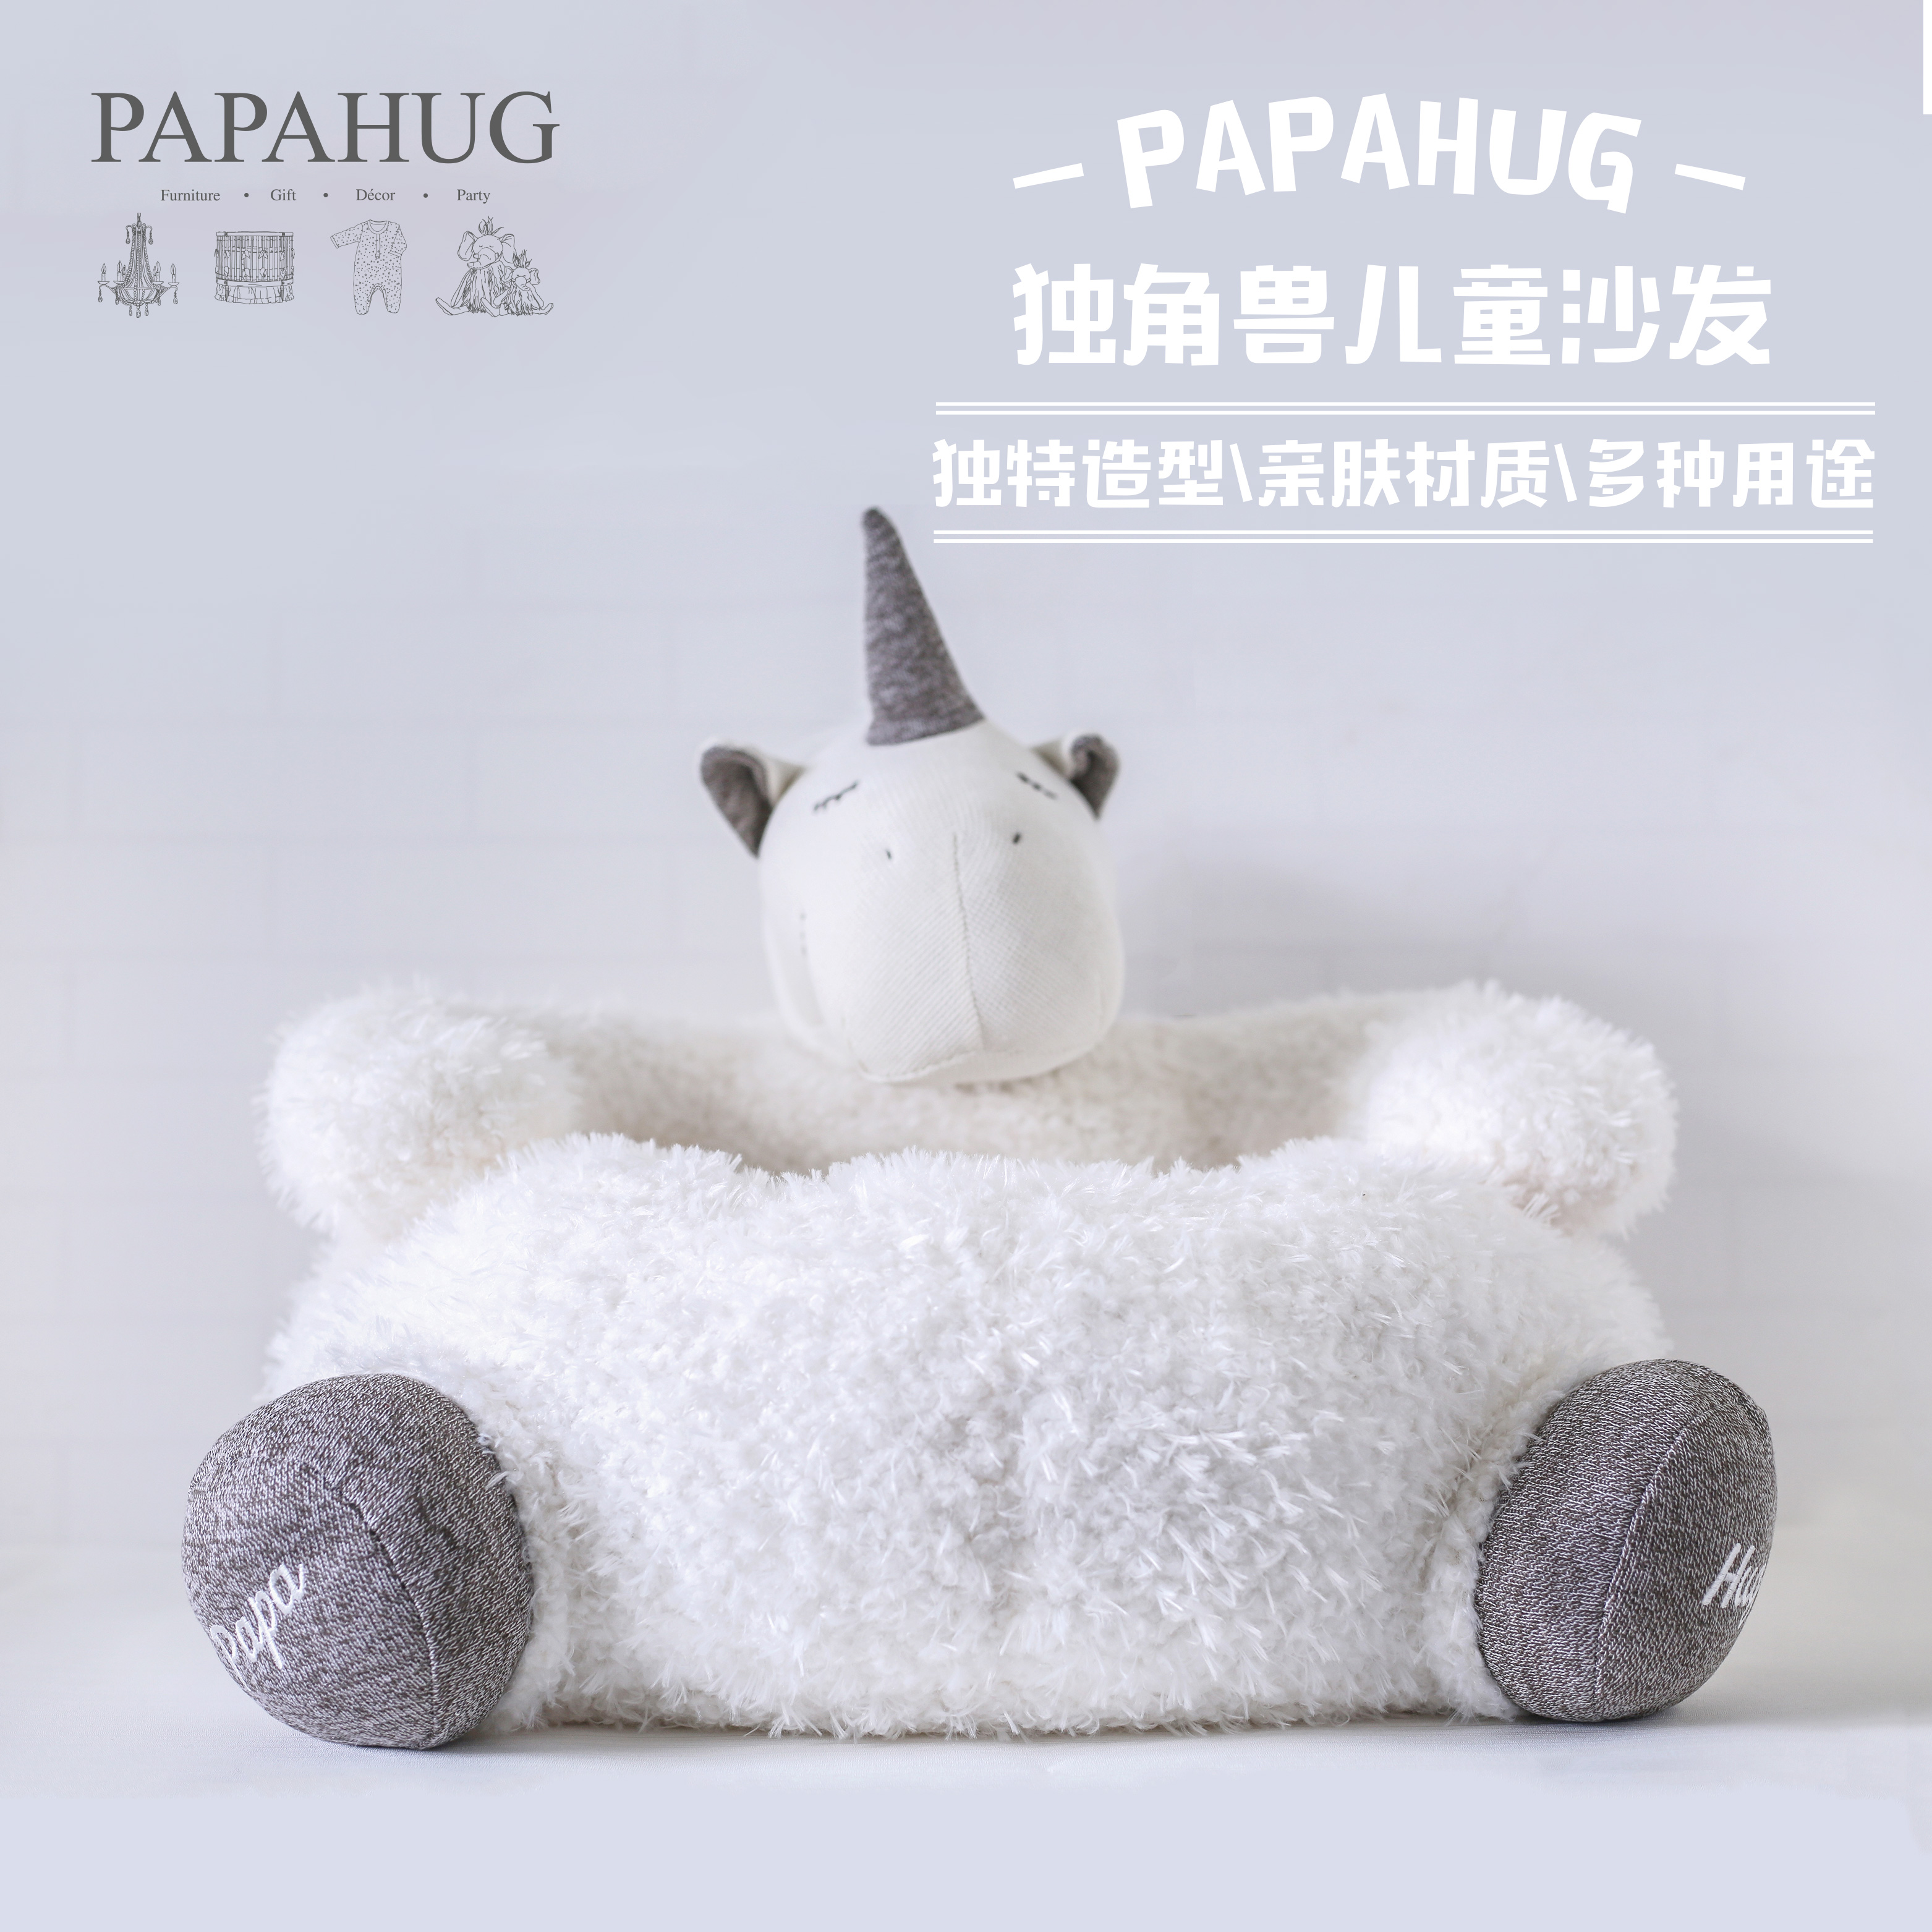 PAPAHUG儿童沙发 男孩独角兽布艺卧室坐垫礼物懒人宝宝沙发椅卡通